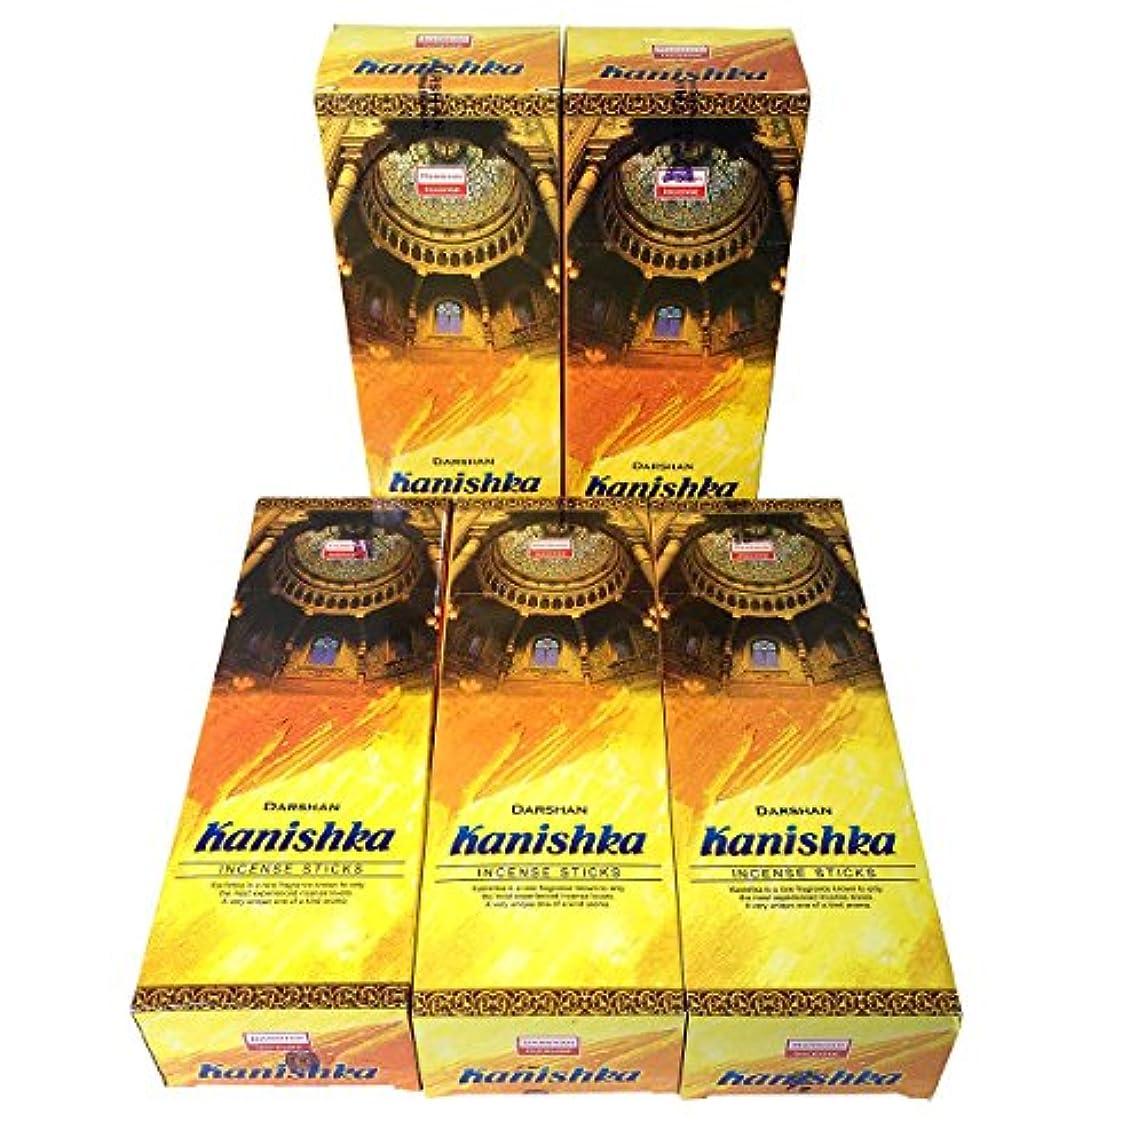 ミニスナッチ輝度カニシュカ香スティック 5BOX(30箱)/DARSHAN KANISHKA/ インド香 / 送料無料 [並行輸入品]